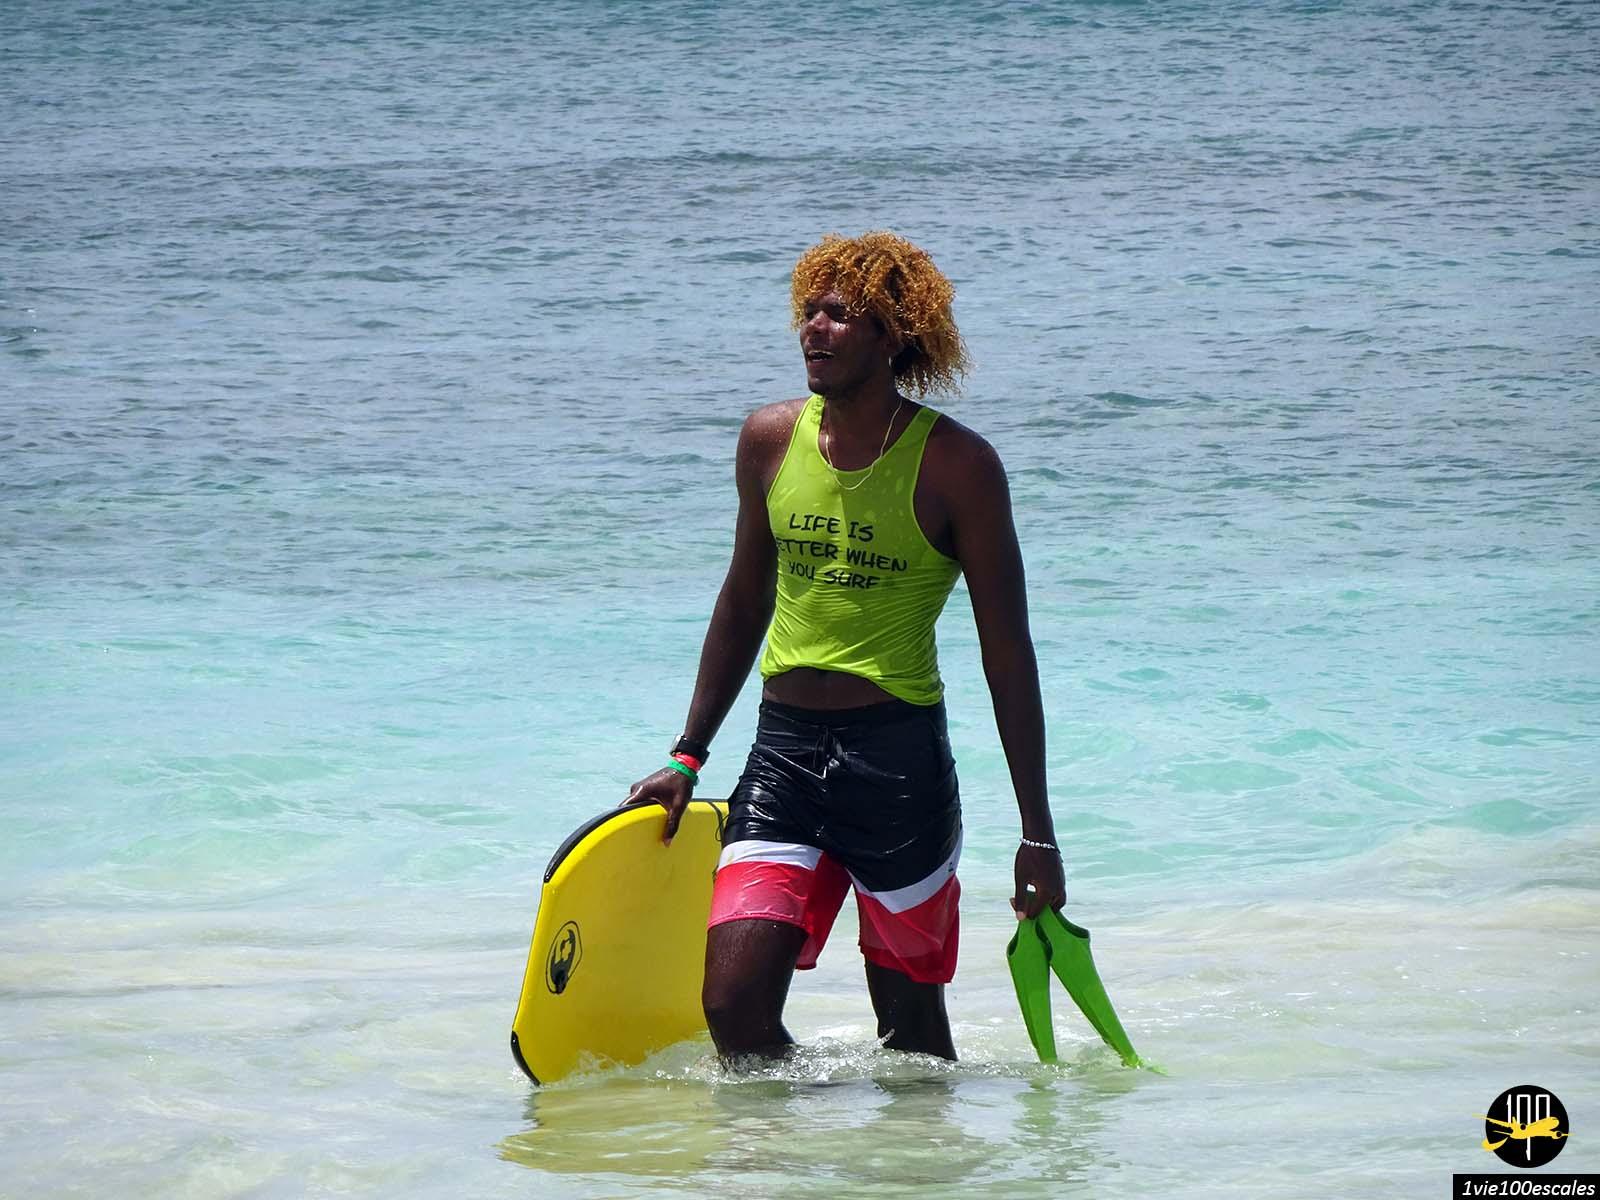 Santa Maria sur l'île de Sal est un super spot de surf avec les vagues et le vent